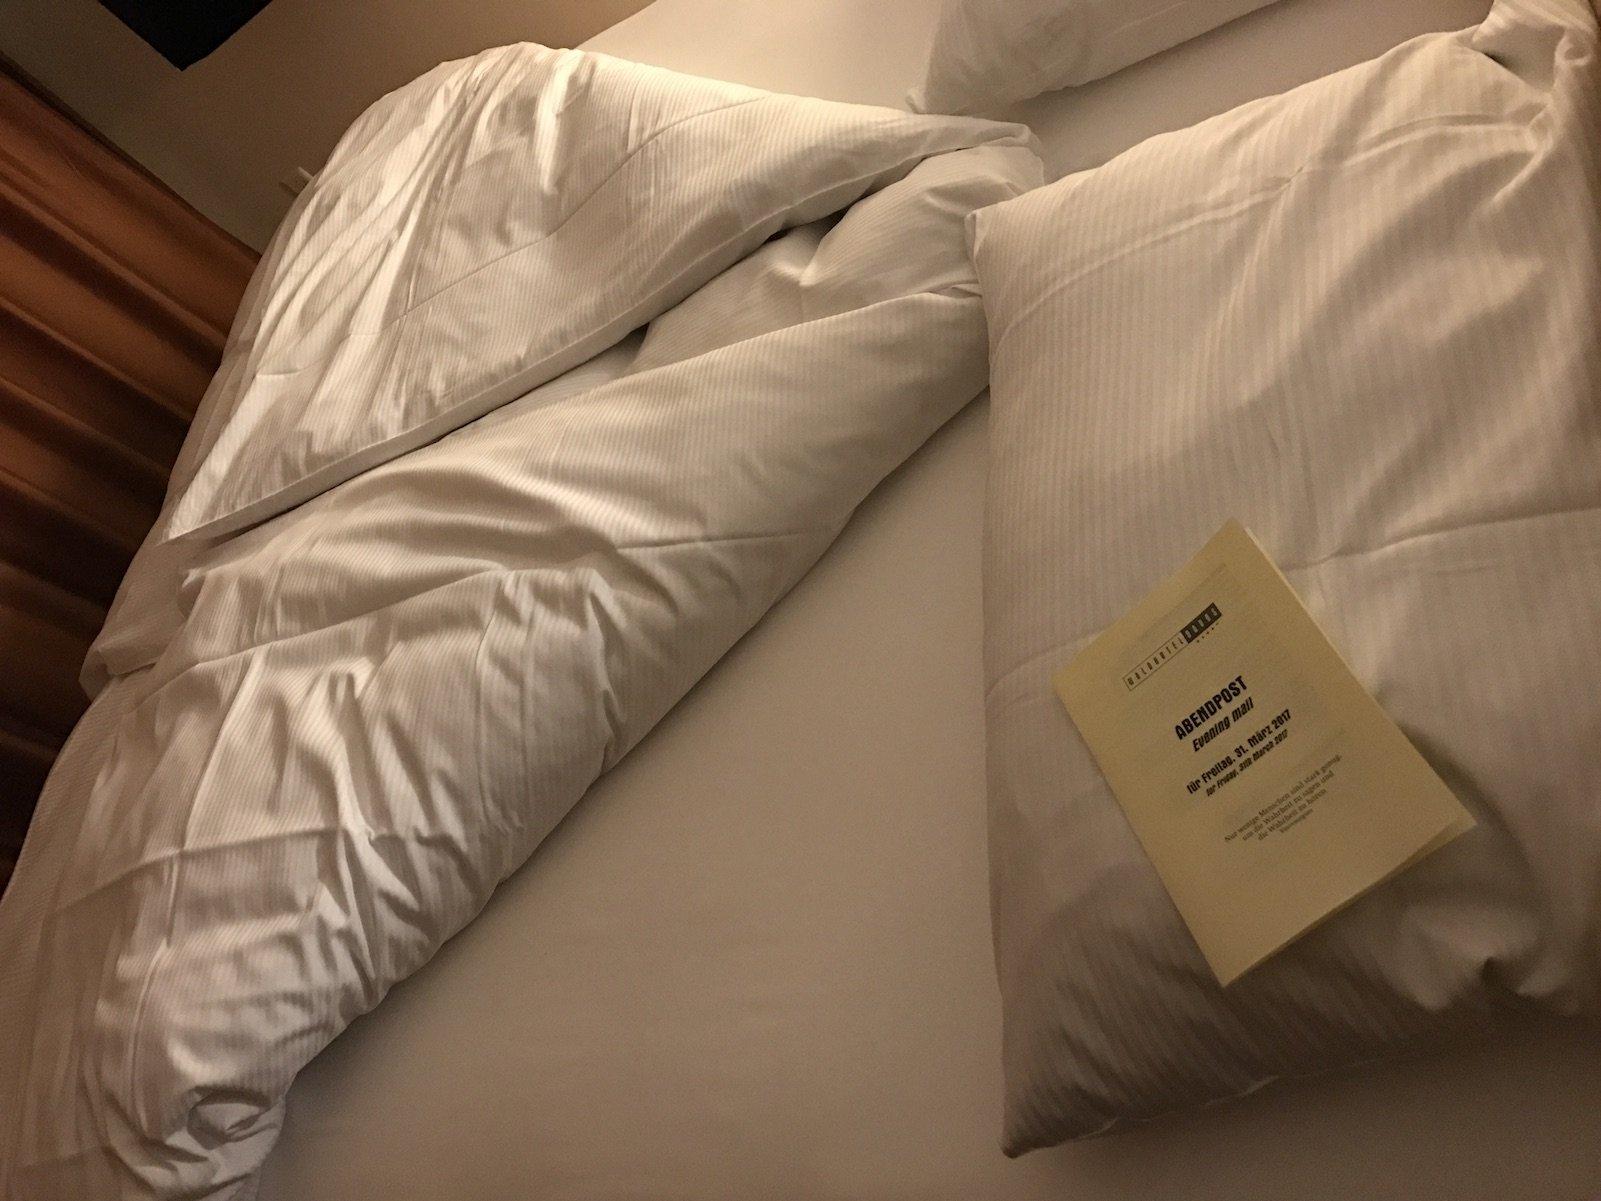 Das Bett nach dem Turndown Service im Waldhotel Davos